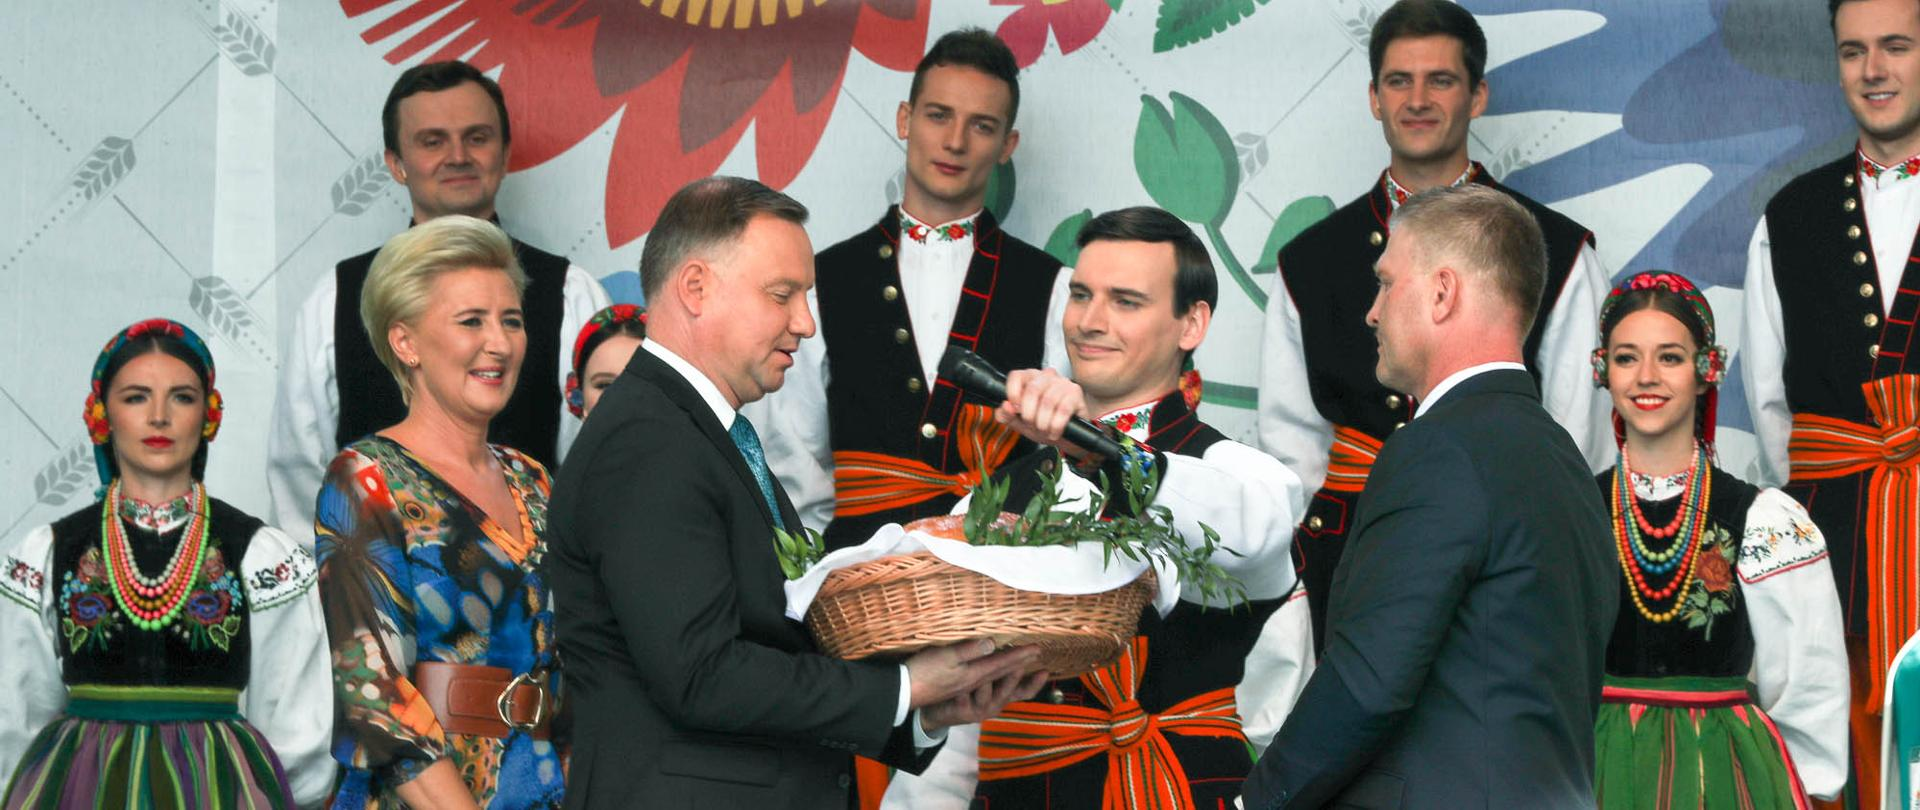 Zrobię wszystko by polski rolnik mógł w naszym kraju bezpiecznie gospodarować